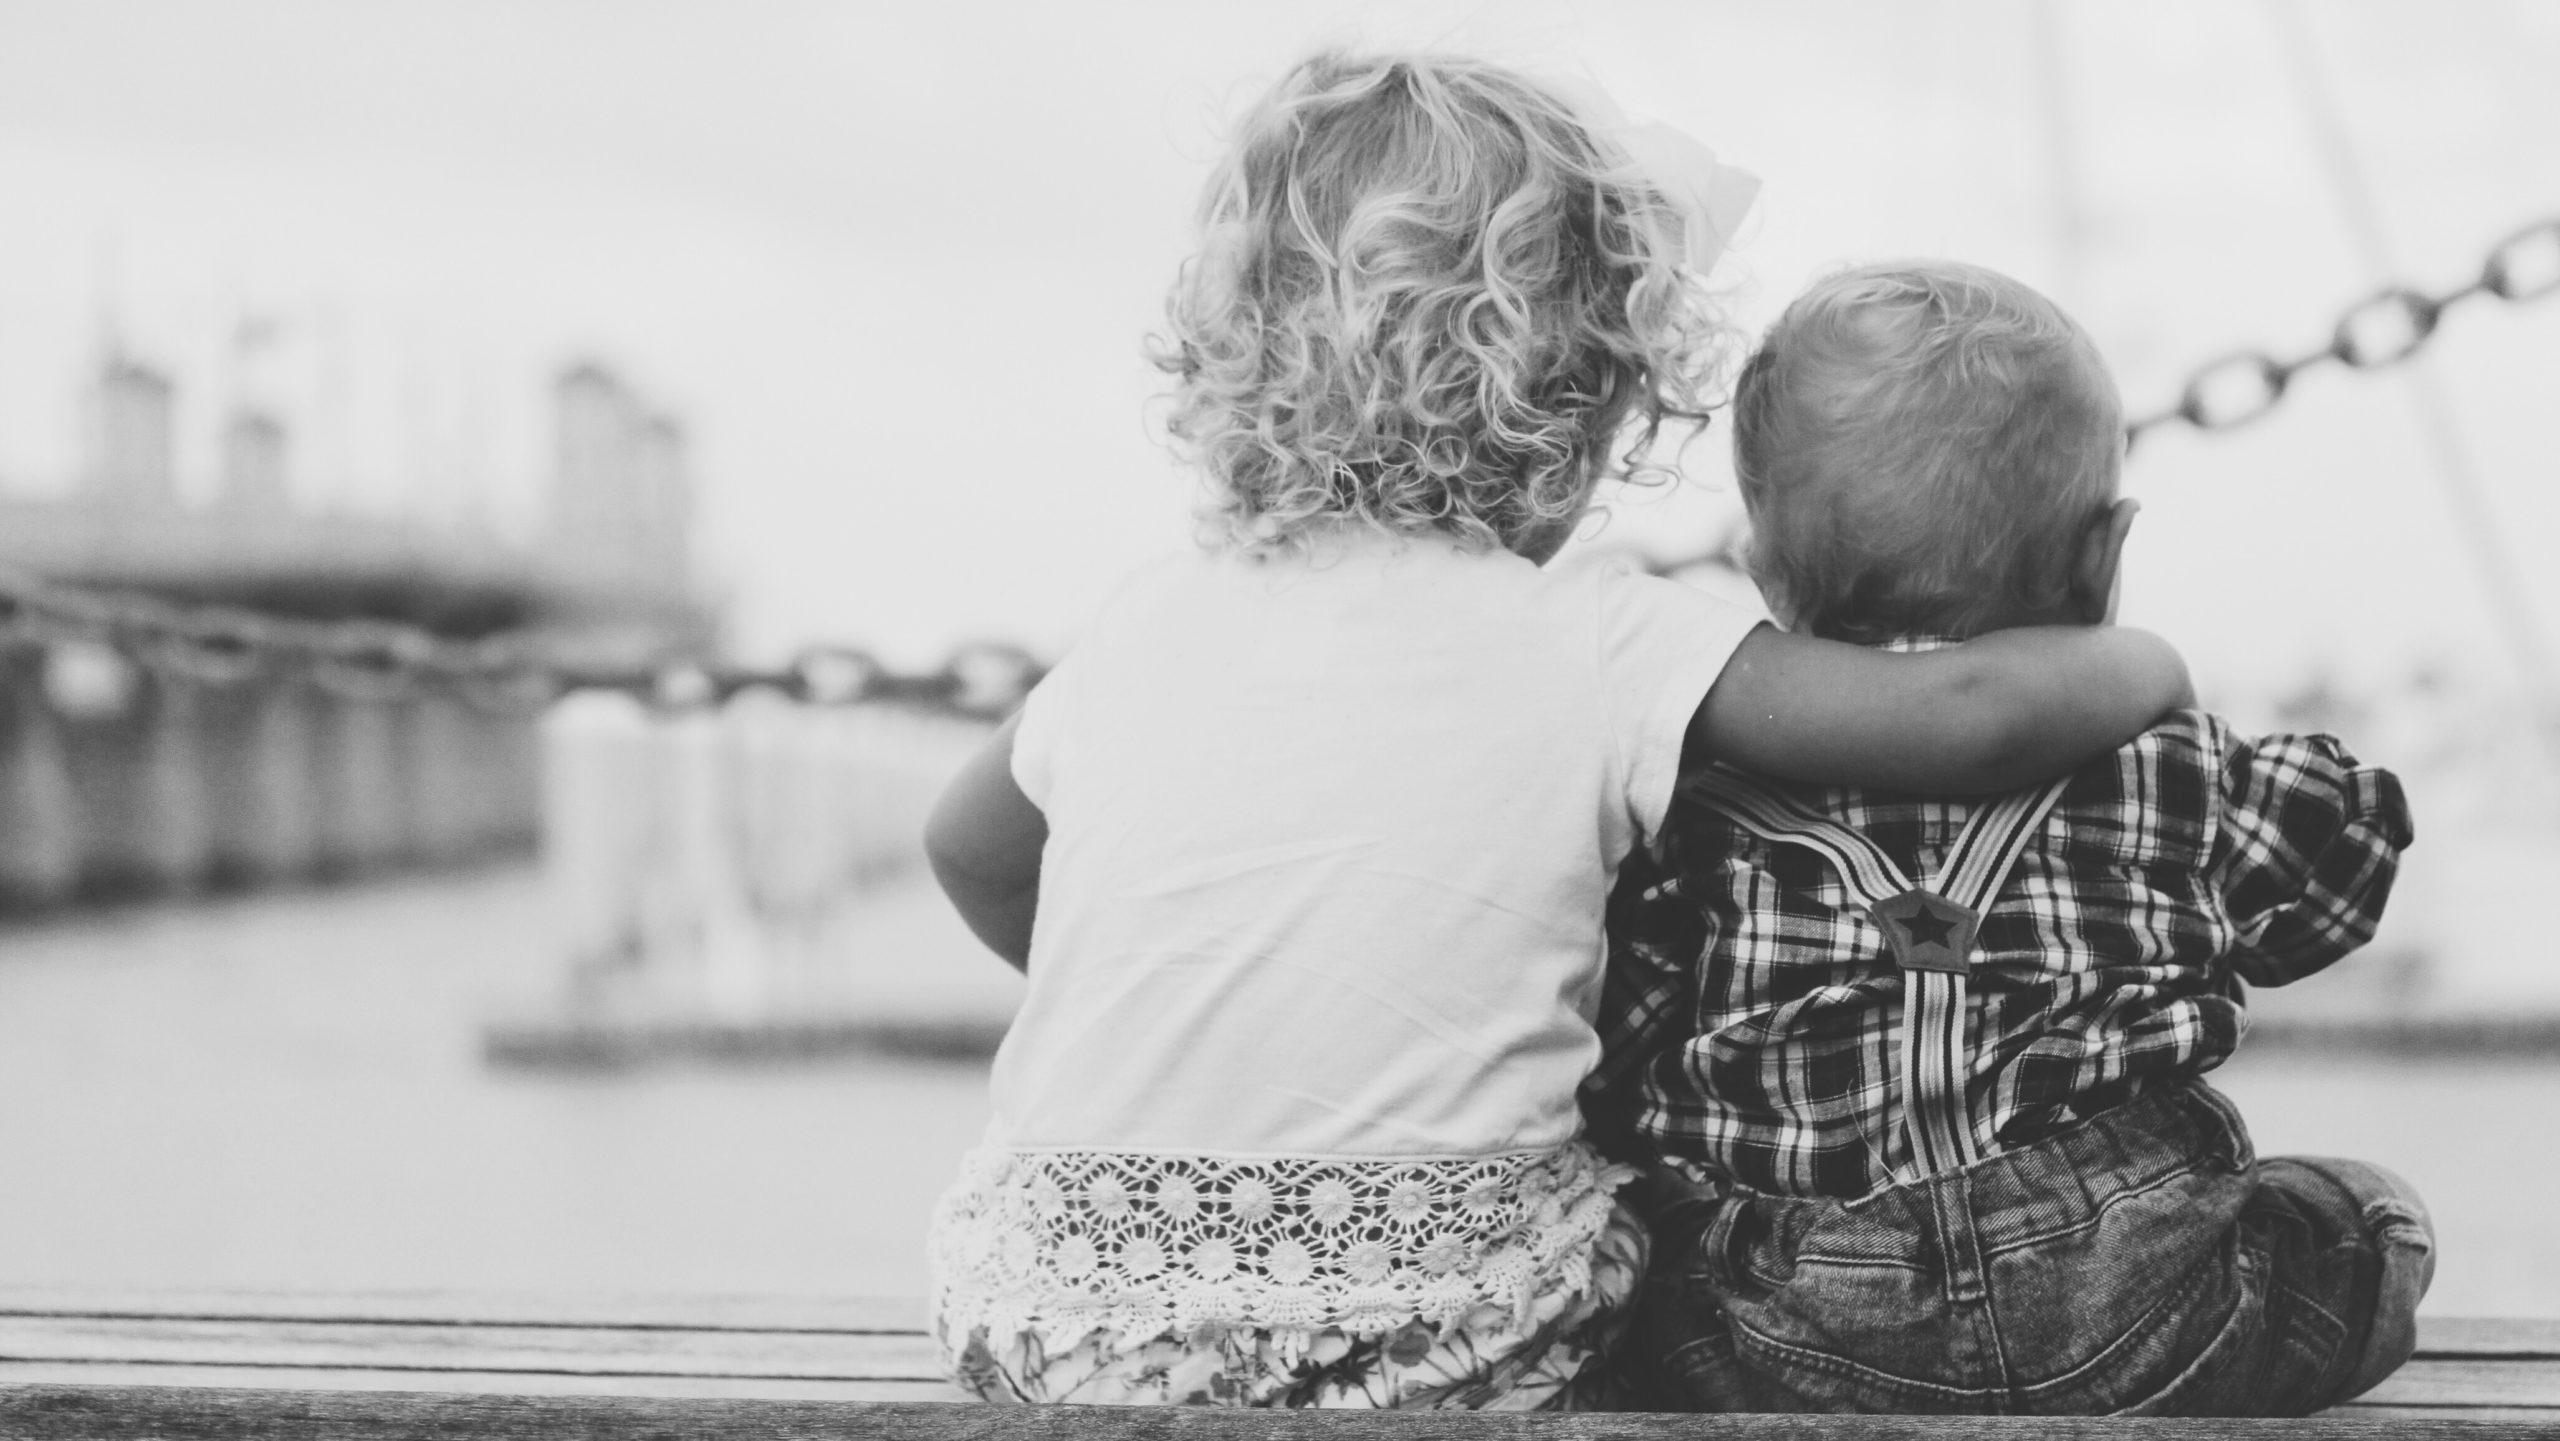 hoogbegaafd en vriendschappen